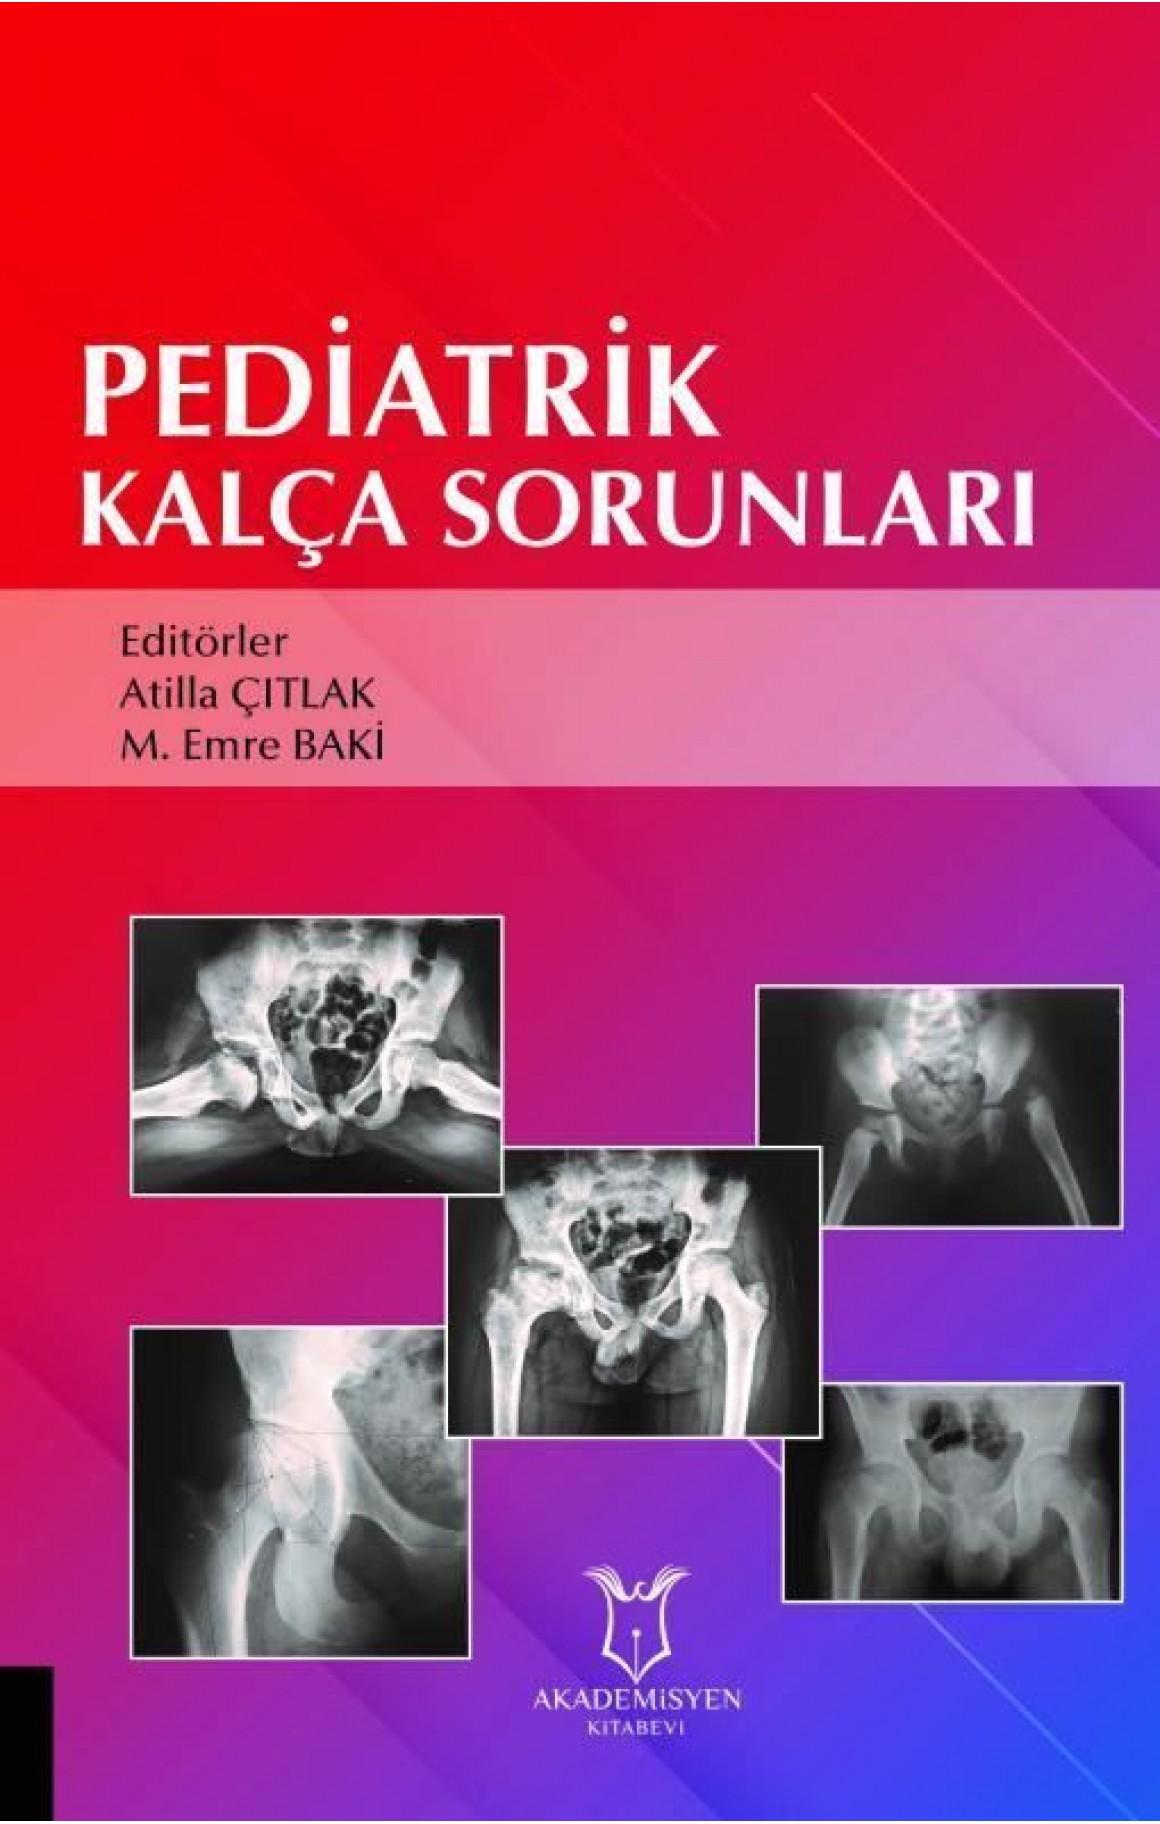 Pediatrik Kalça Sorunları